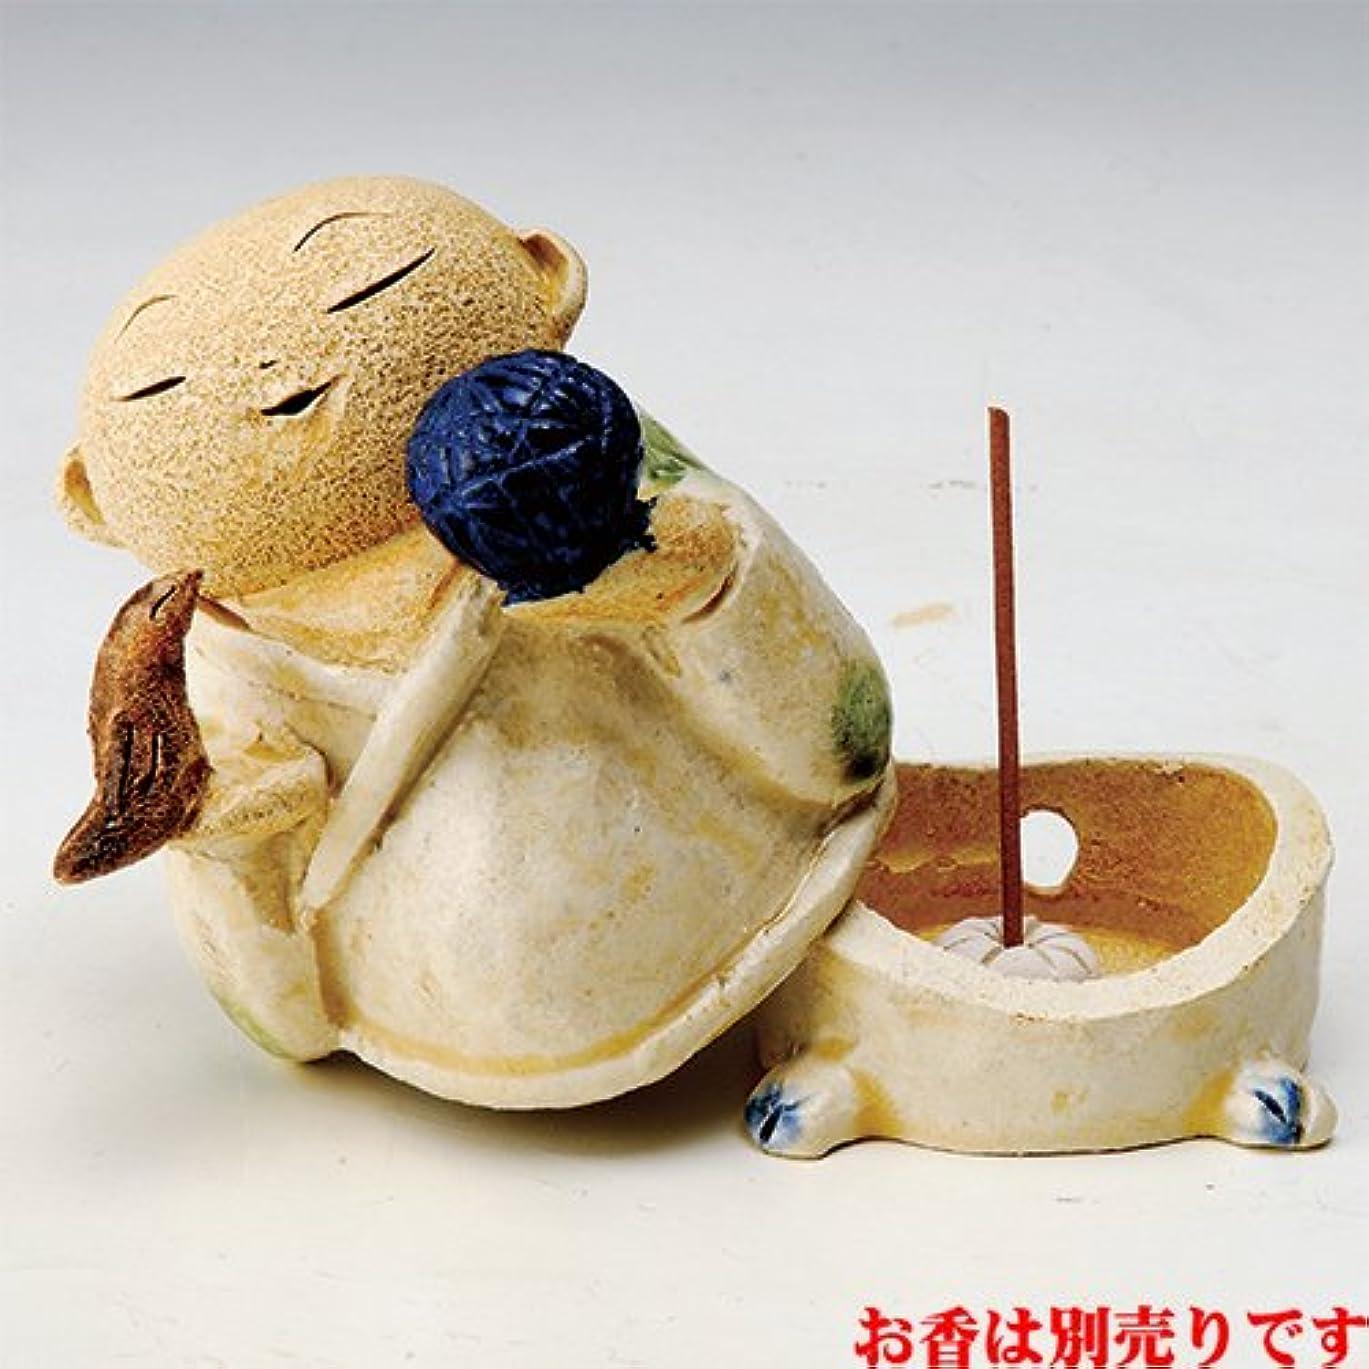 生理昼間発揮するお地蔵様 香炉シリーズ 鳥と毬地蔵 香炉(少小) [H8.5cm] HANDMADE プレゼント ギフト 和食器 かわいい インテリア